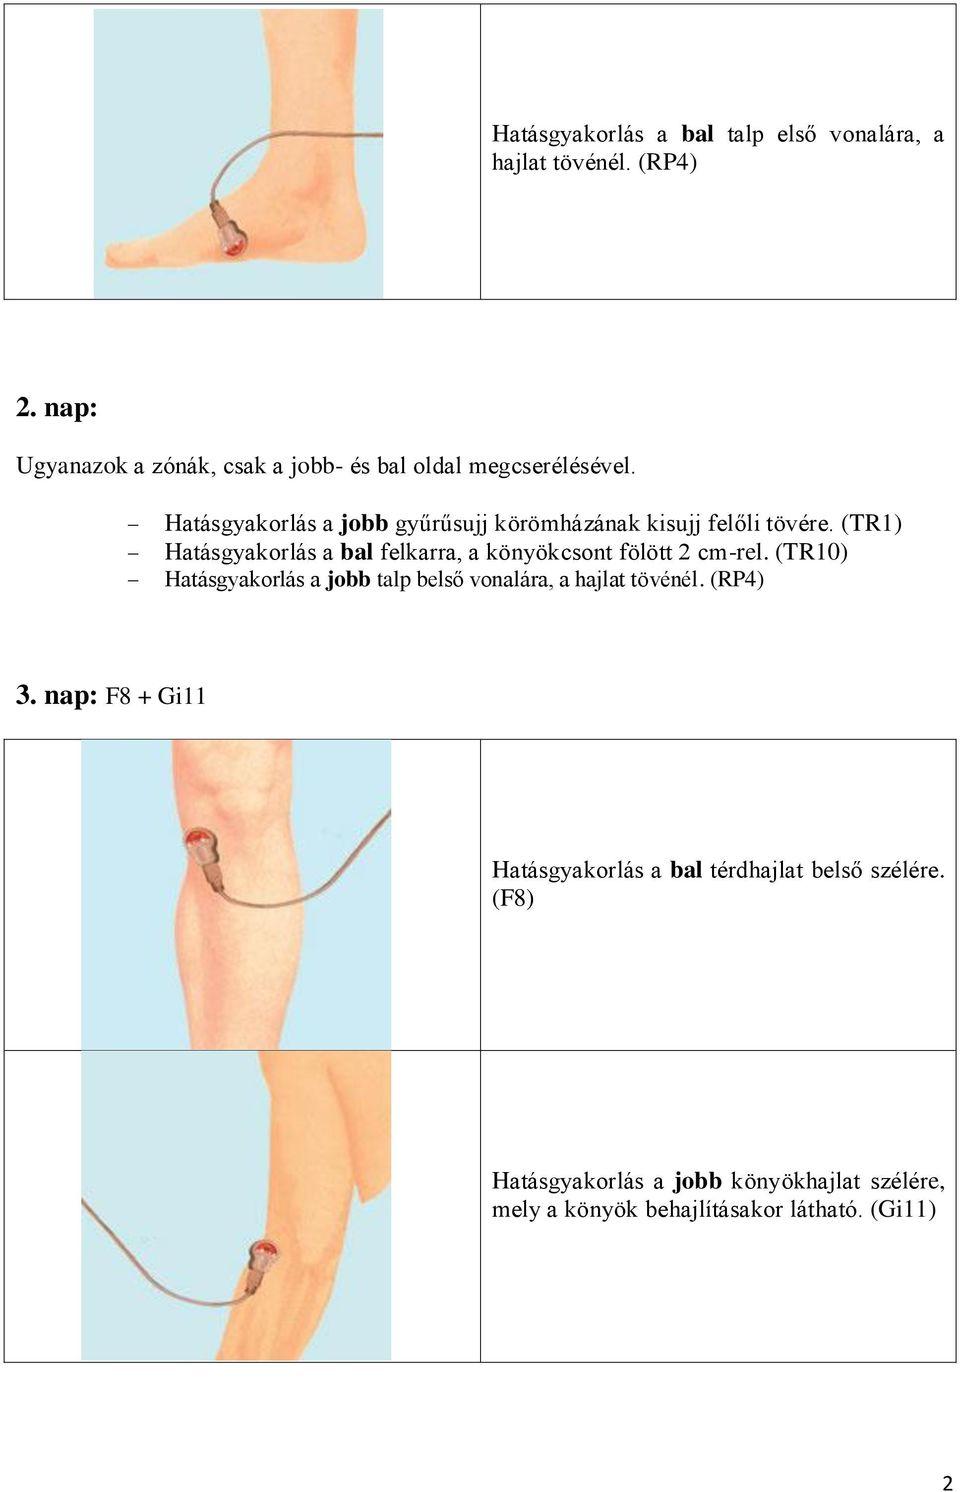 ízületi fájdalom a vontatás szumó után a bal térd zárt sérülése